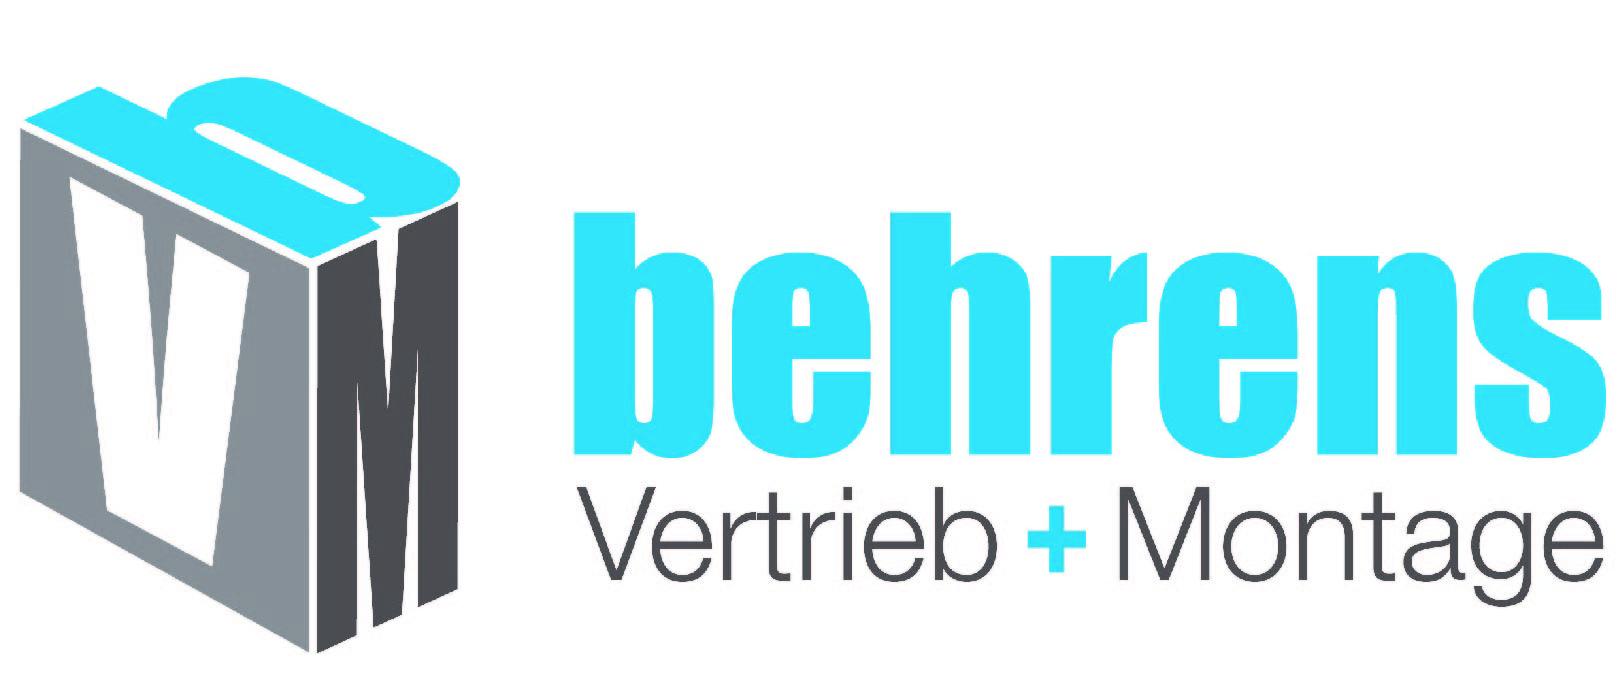 Behrens Vertrieb + Montage